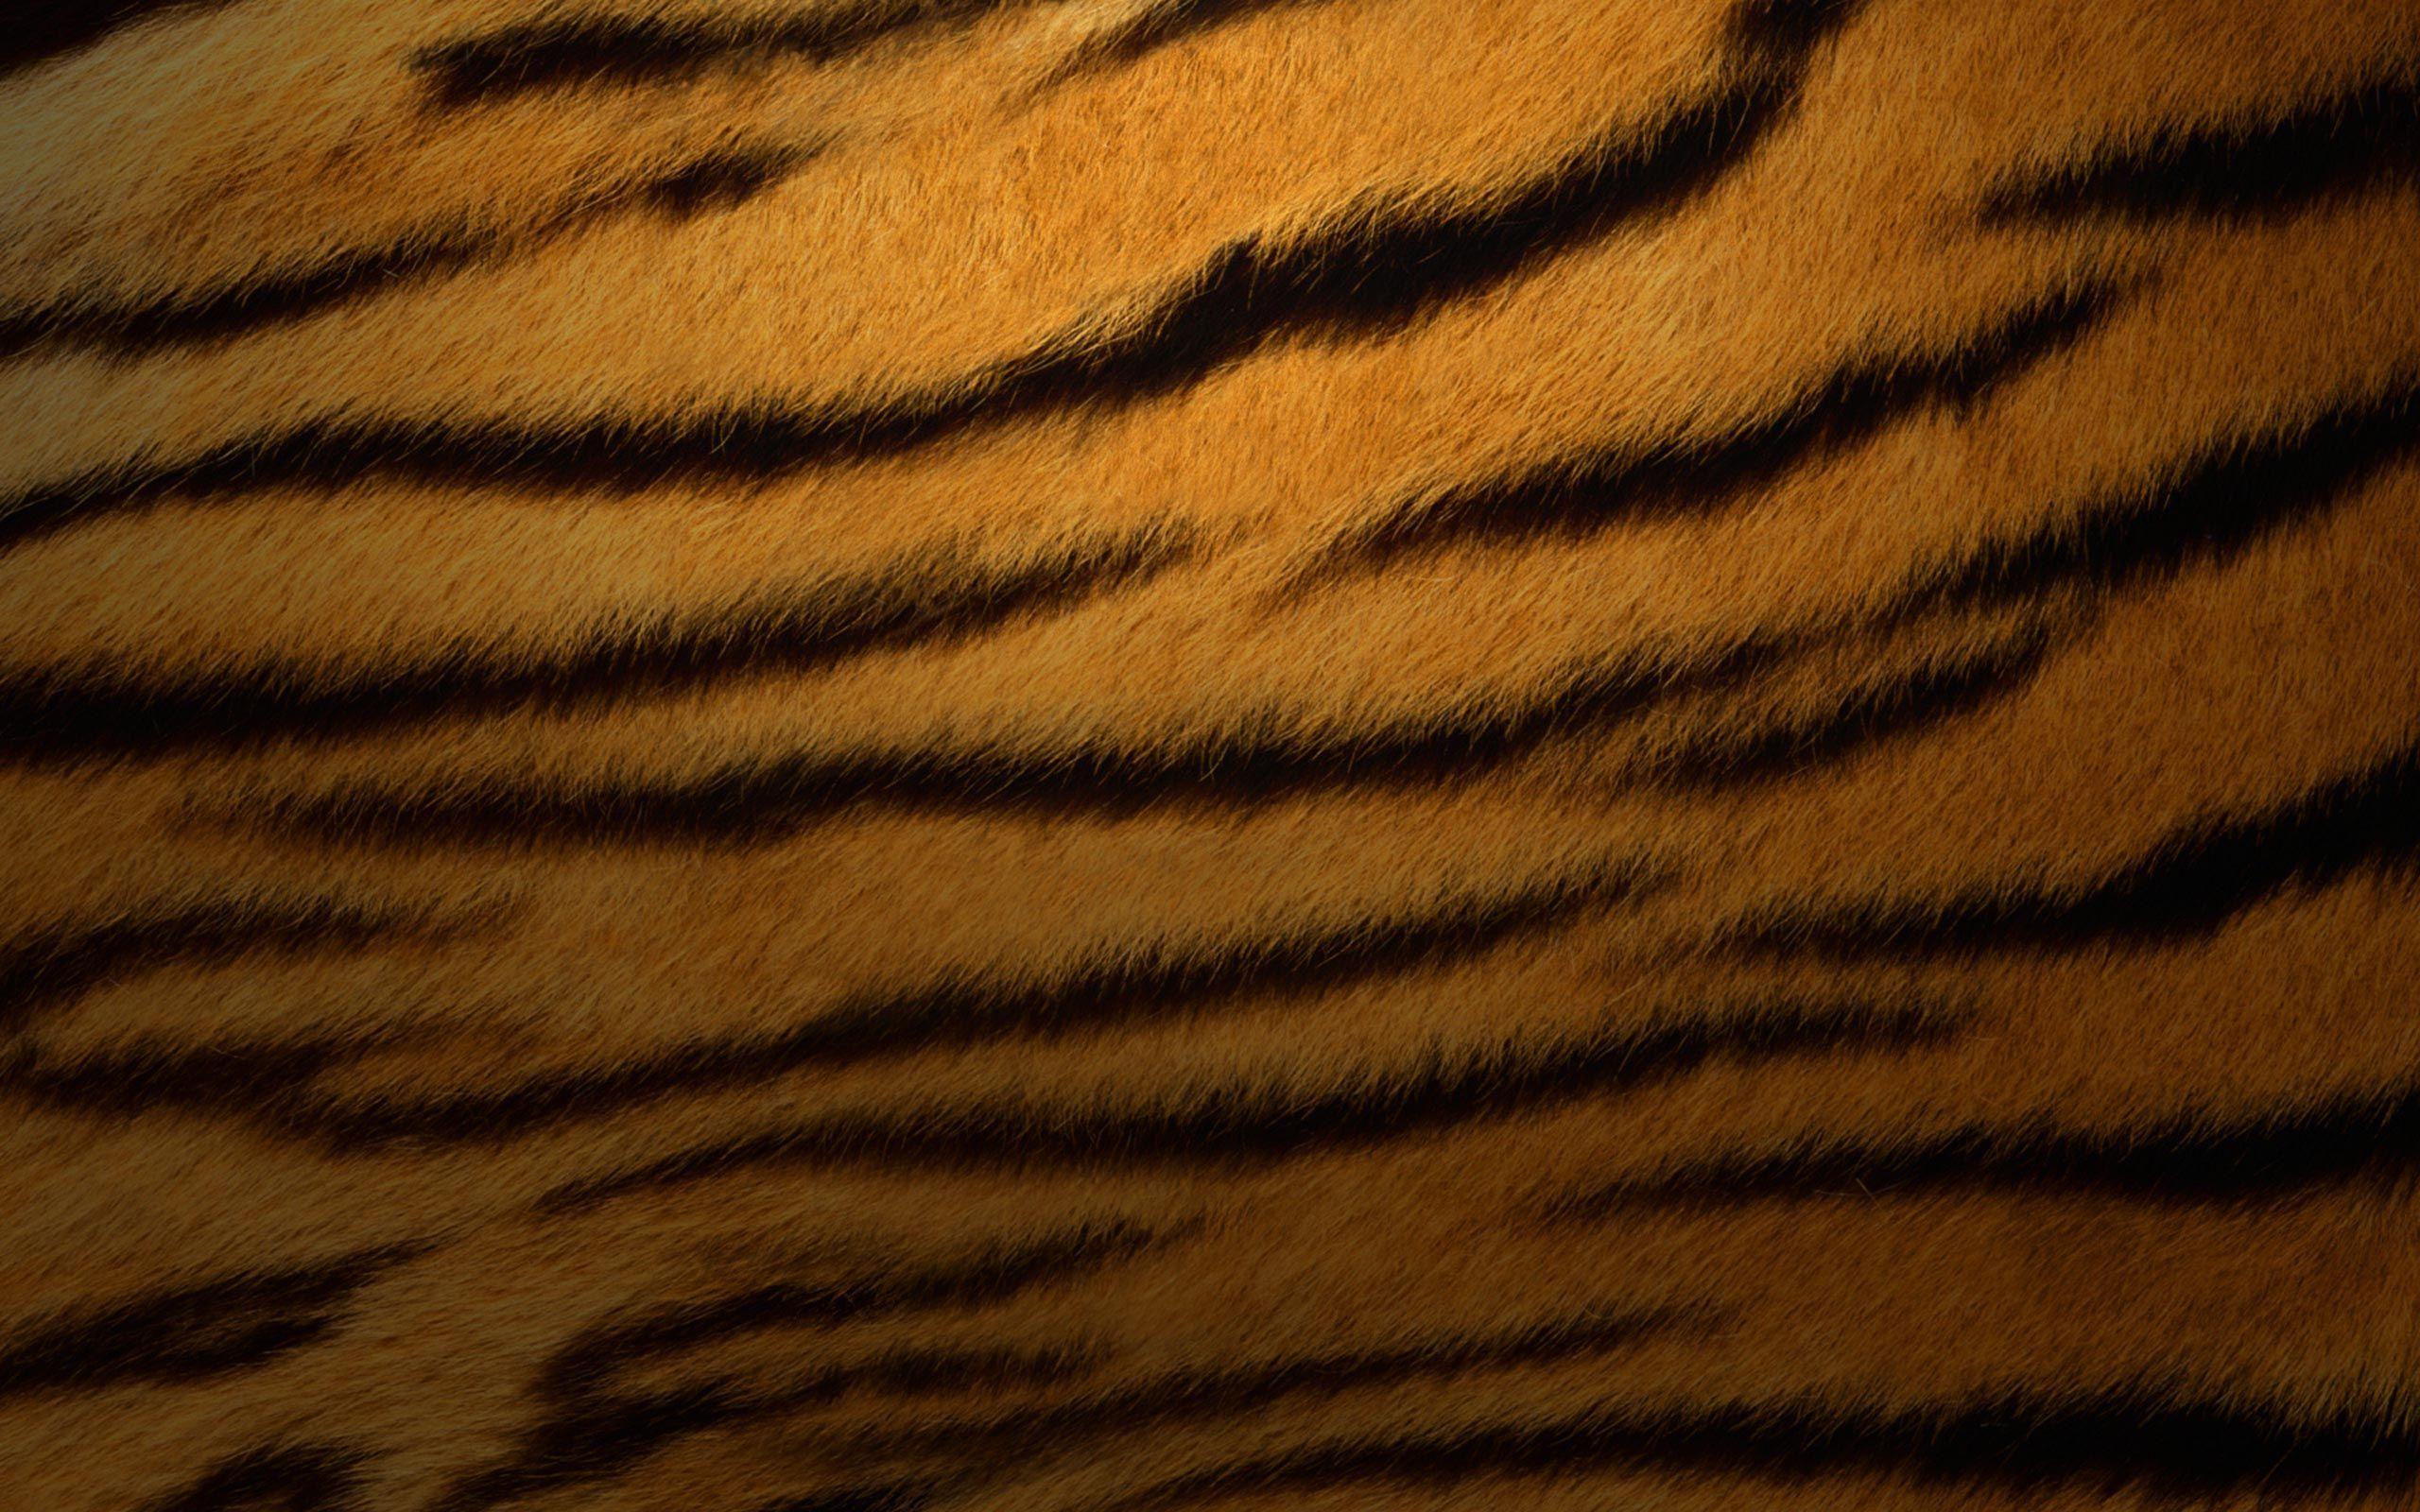 Tiger fur wallpaper 14548 2560x1600